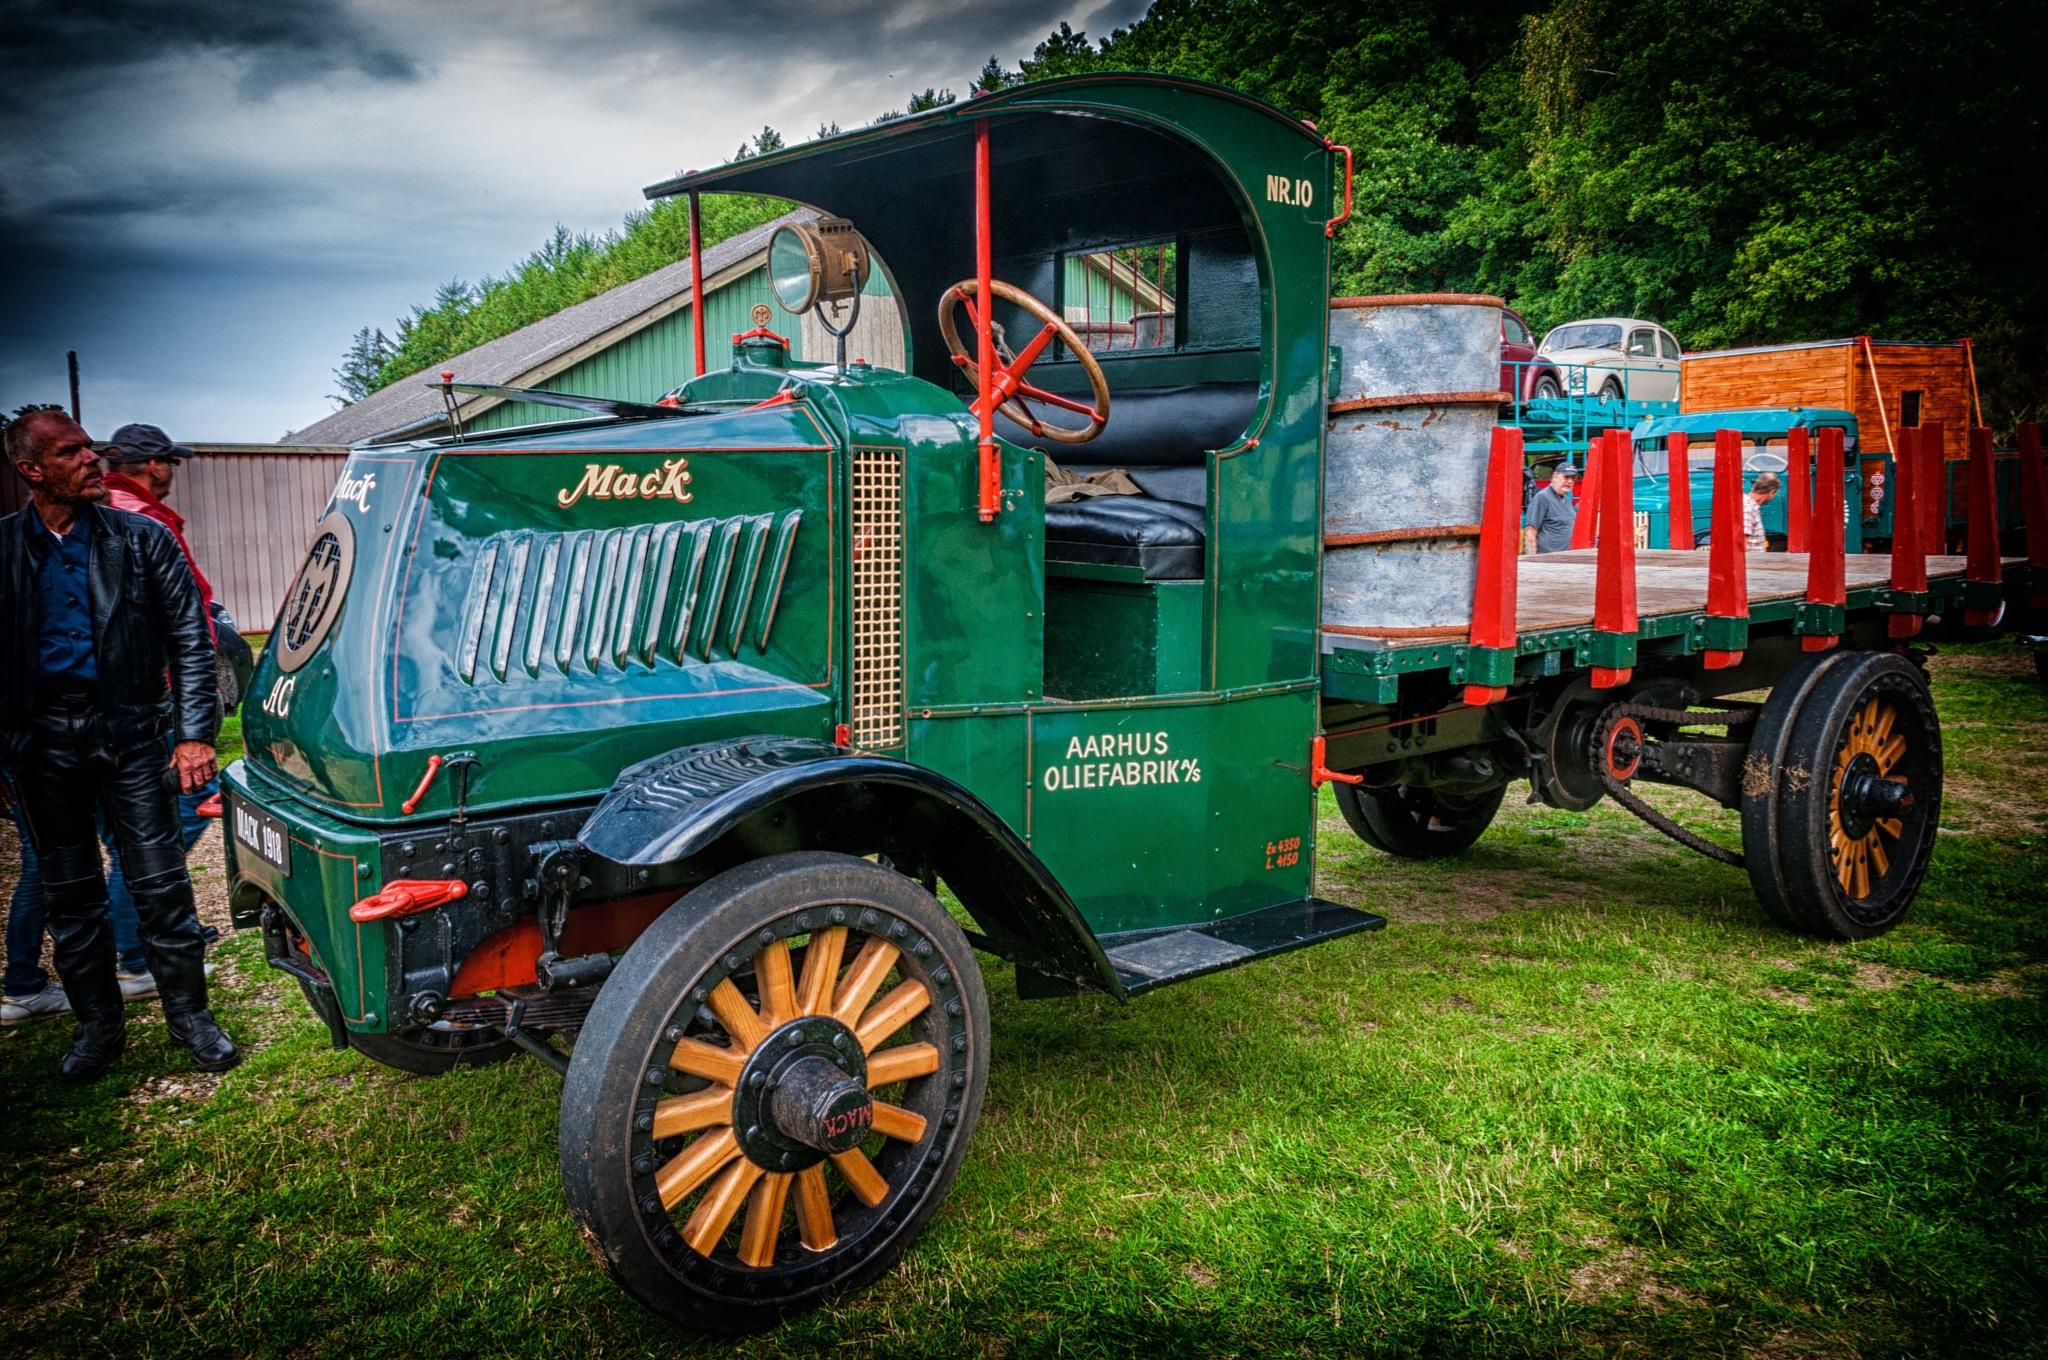 Mack truck by Preben Schmidt